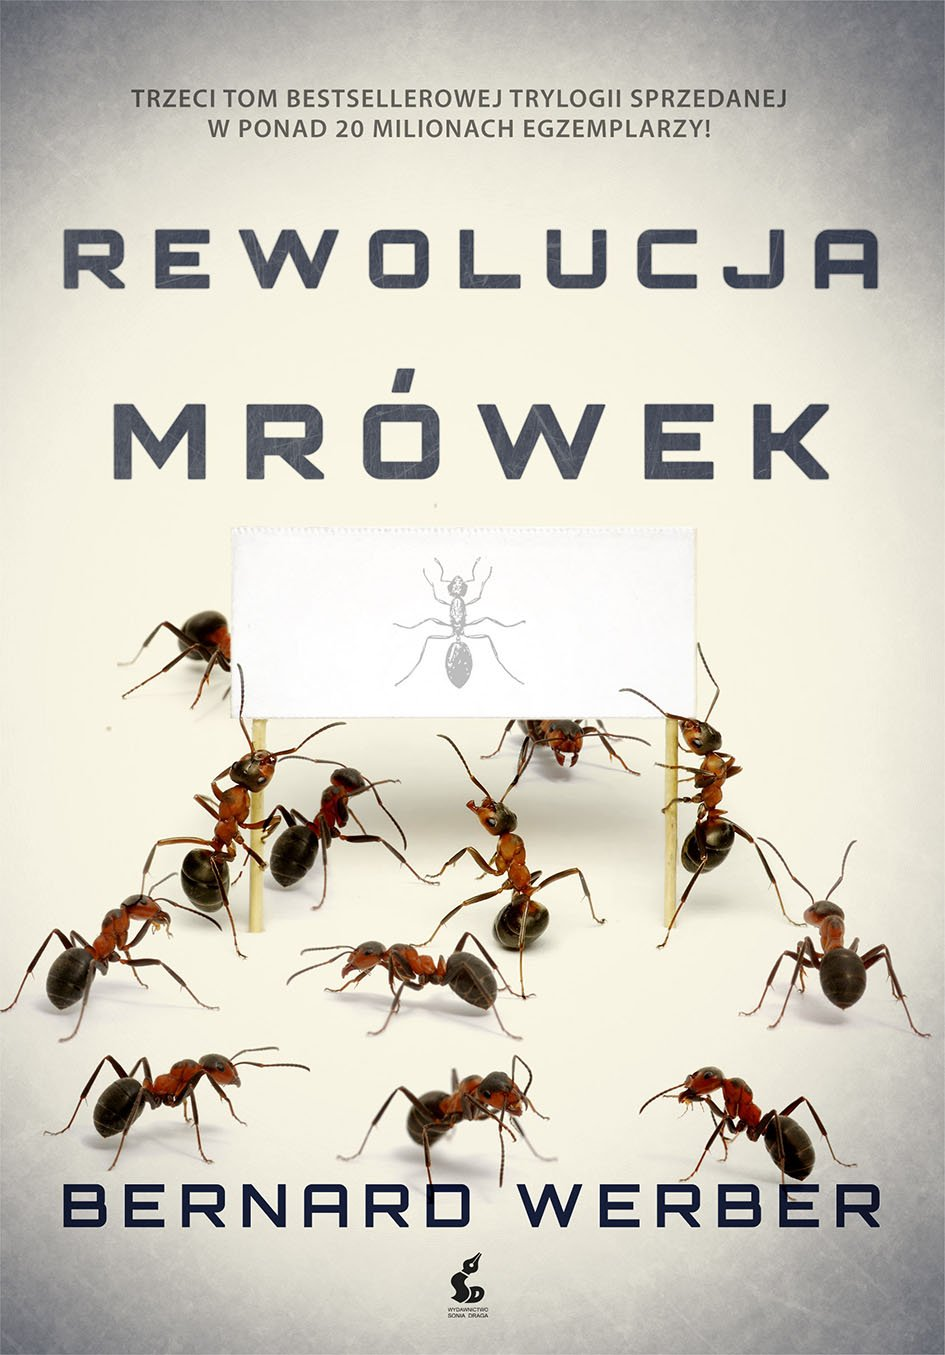 Rewolucja mrówek - Ebook (Książka EPUB) do pobrania w formacie EPUB